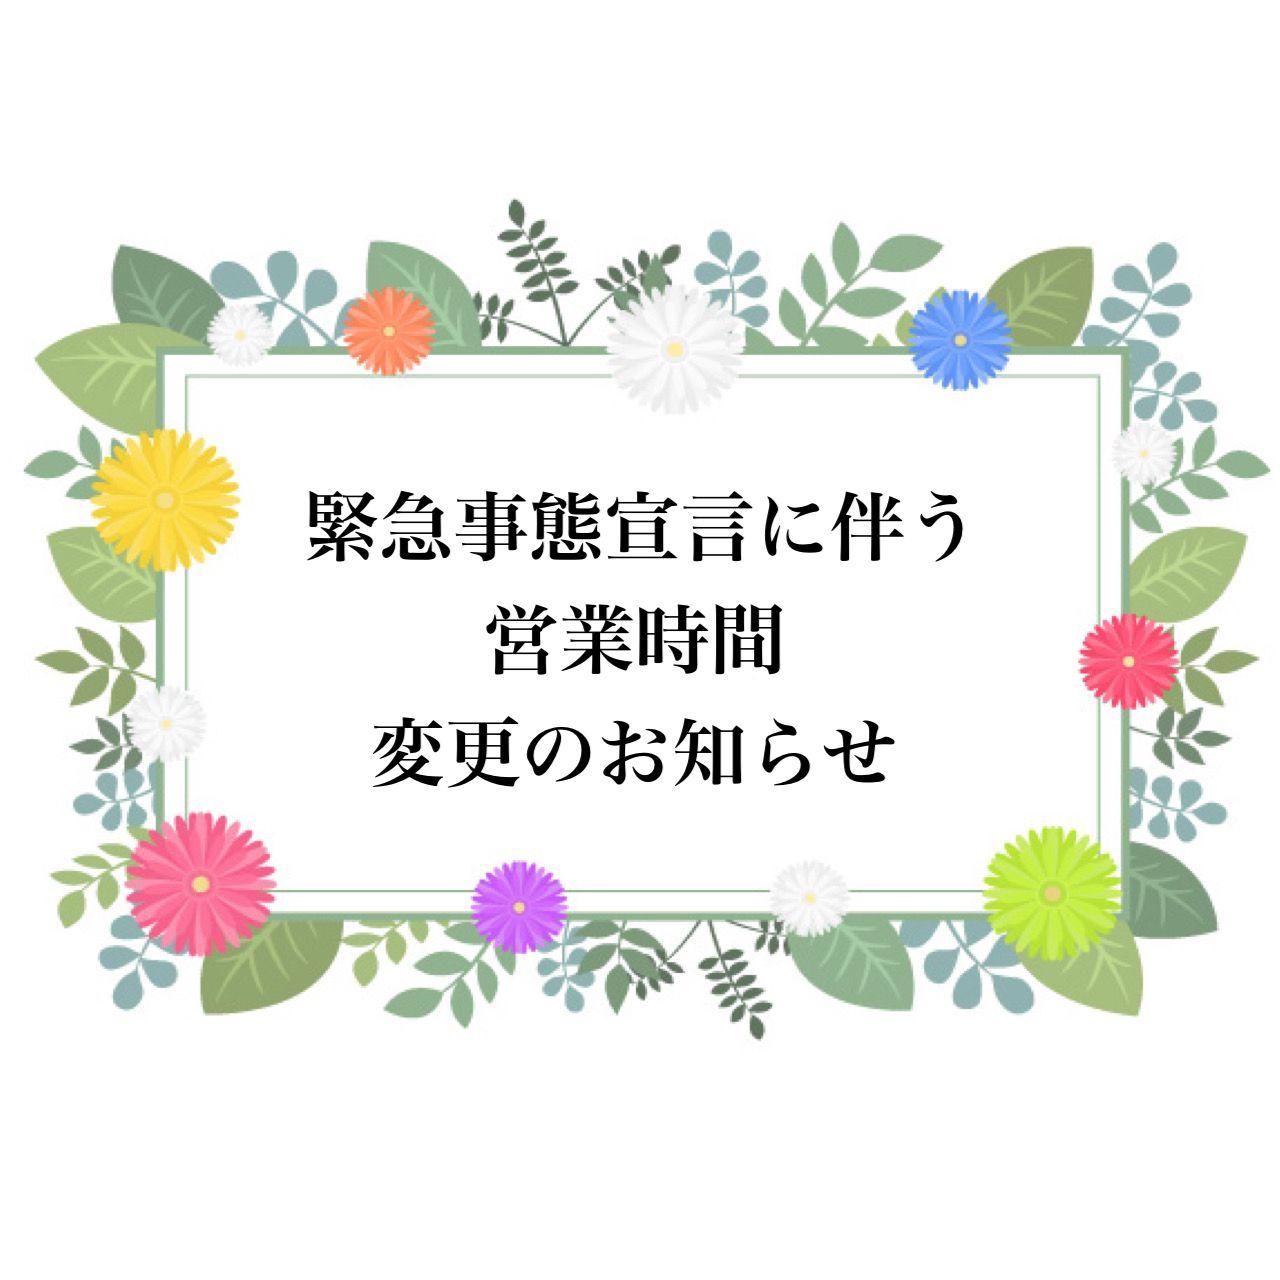 「〜 営業時間のお知らせ 〜」の写真